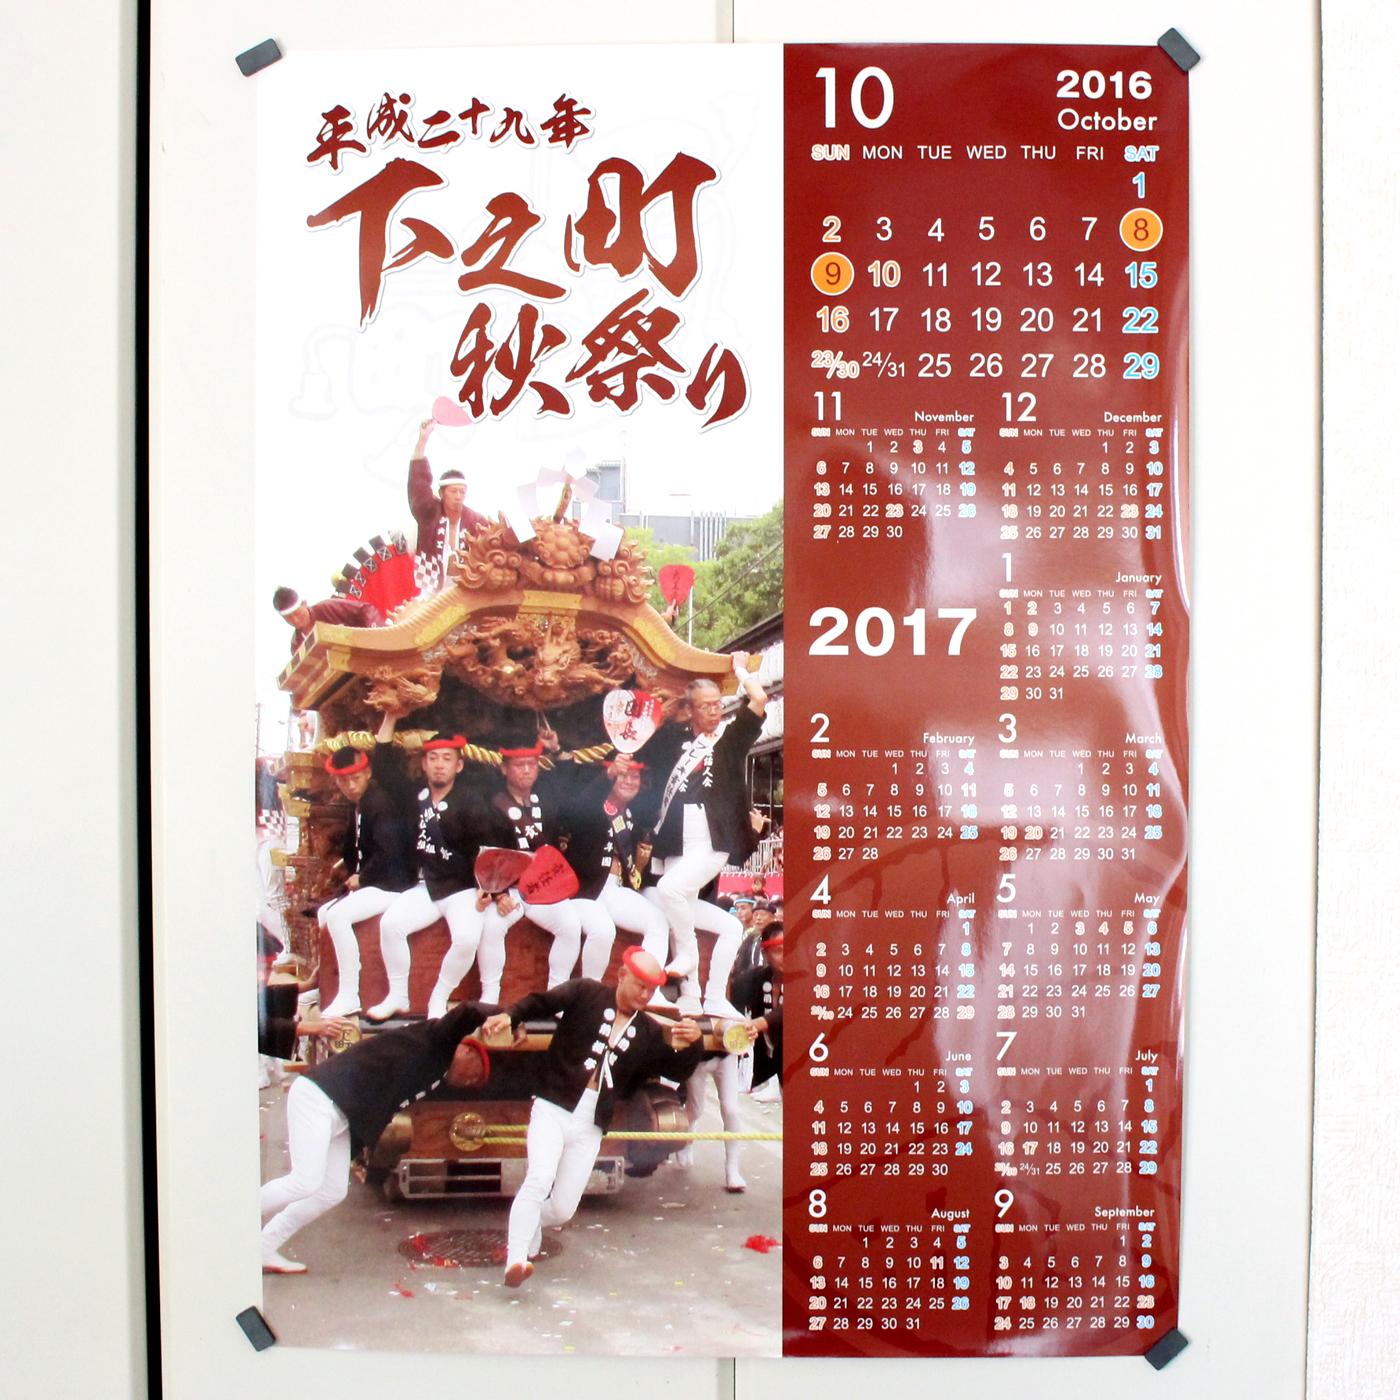 平成29年下之町秋祭りカレンダー